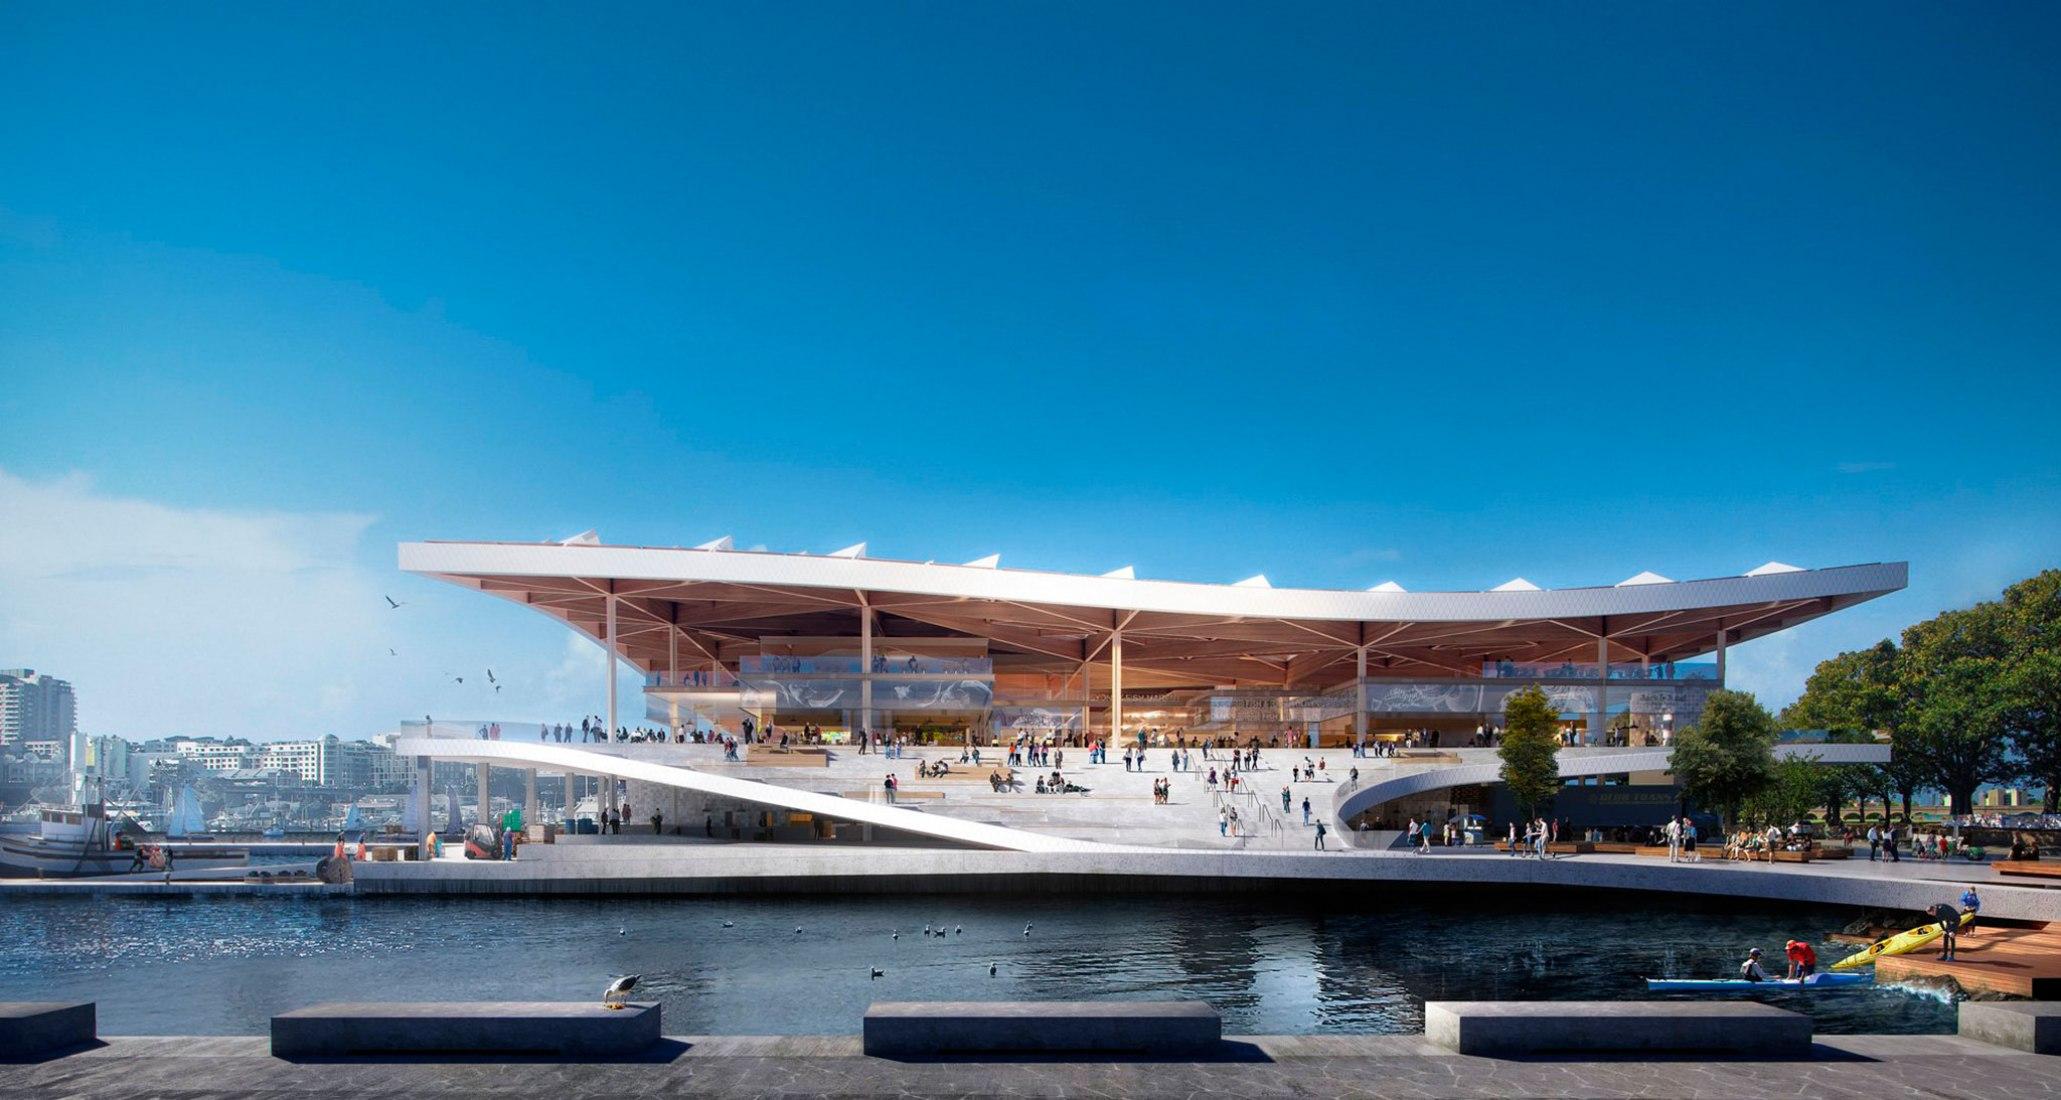 Las plazas en cada extremo del mercado de pescado permiten reuniones informales y recreación contemplativa para crear más conexiones entre el público y el agua. Nuevo mercado de pescado de Sídney por 3XN